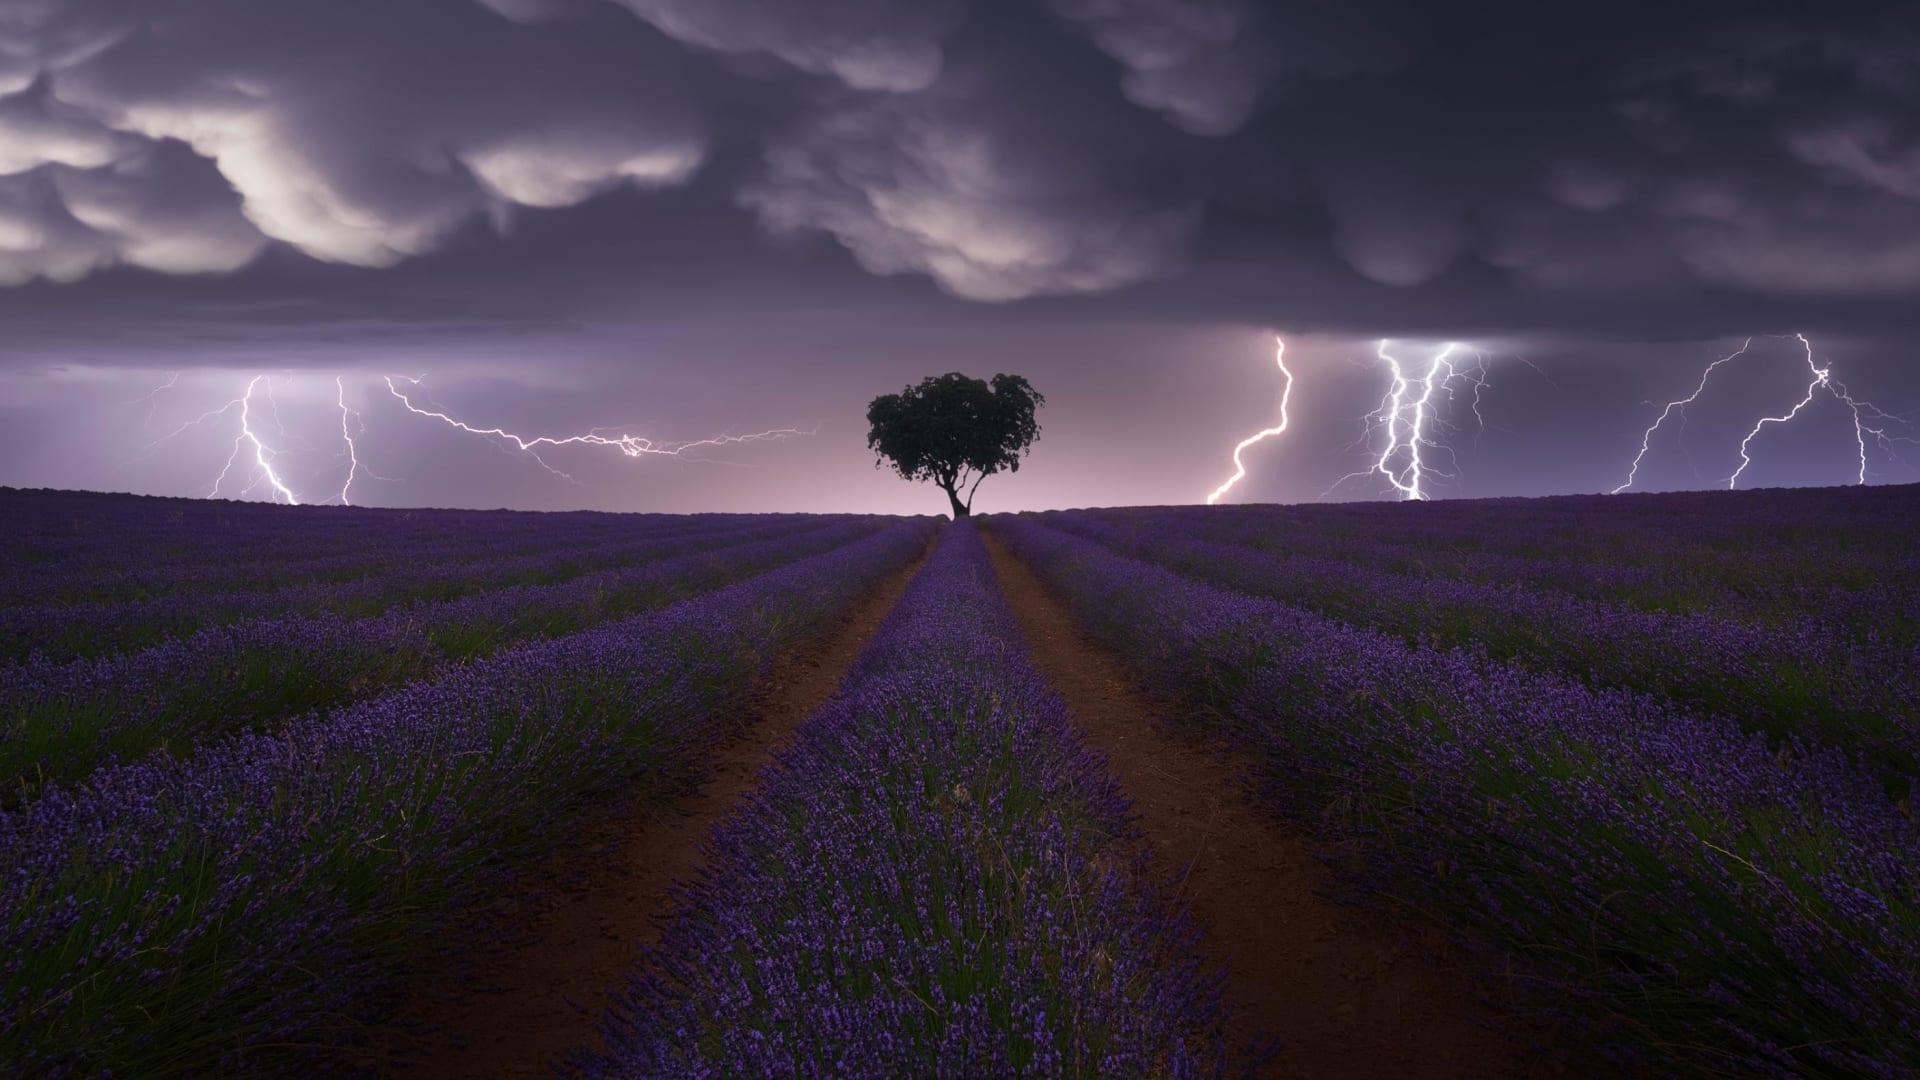 وادي لجب - السعودية - المصور السعودي علي سعيد العشير